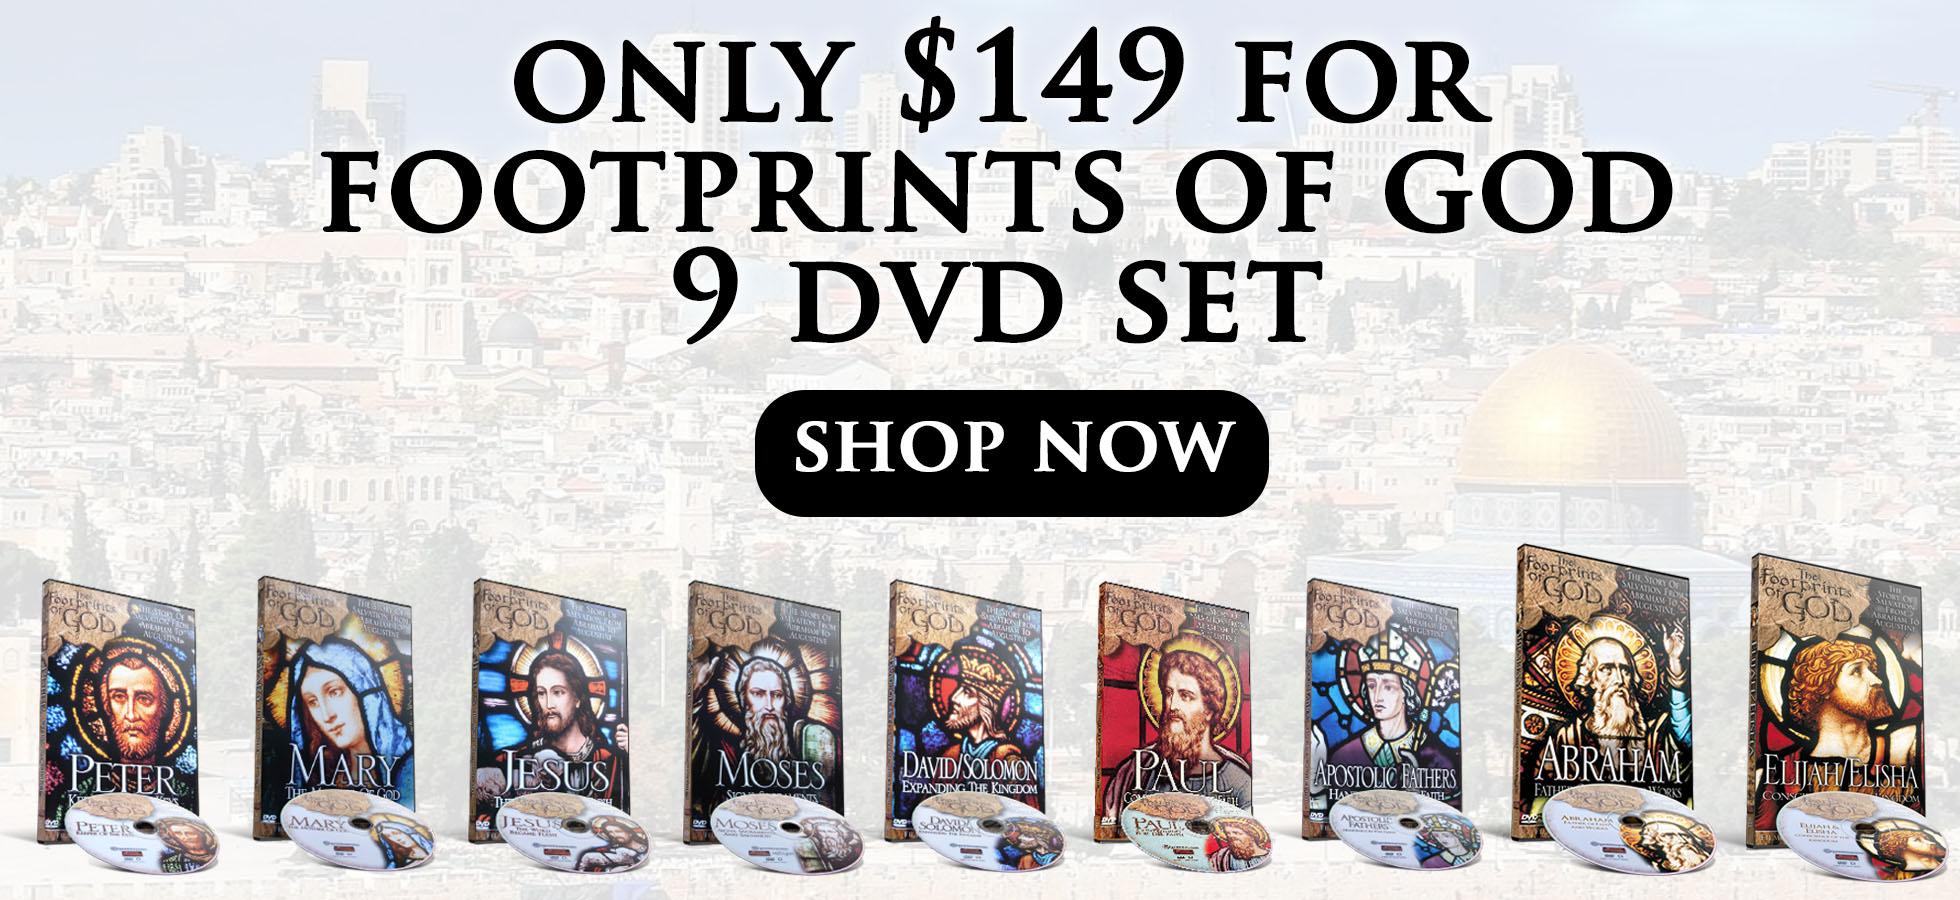 Only $149 for Footprints of God 9 DVD Set